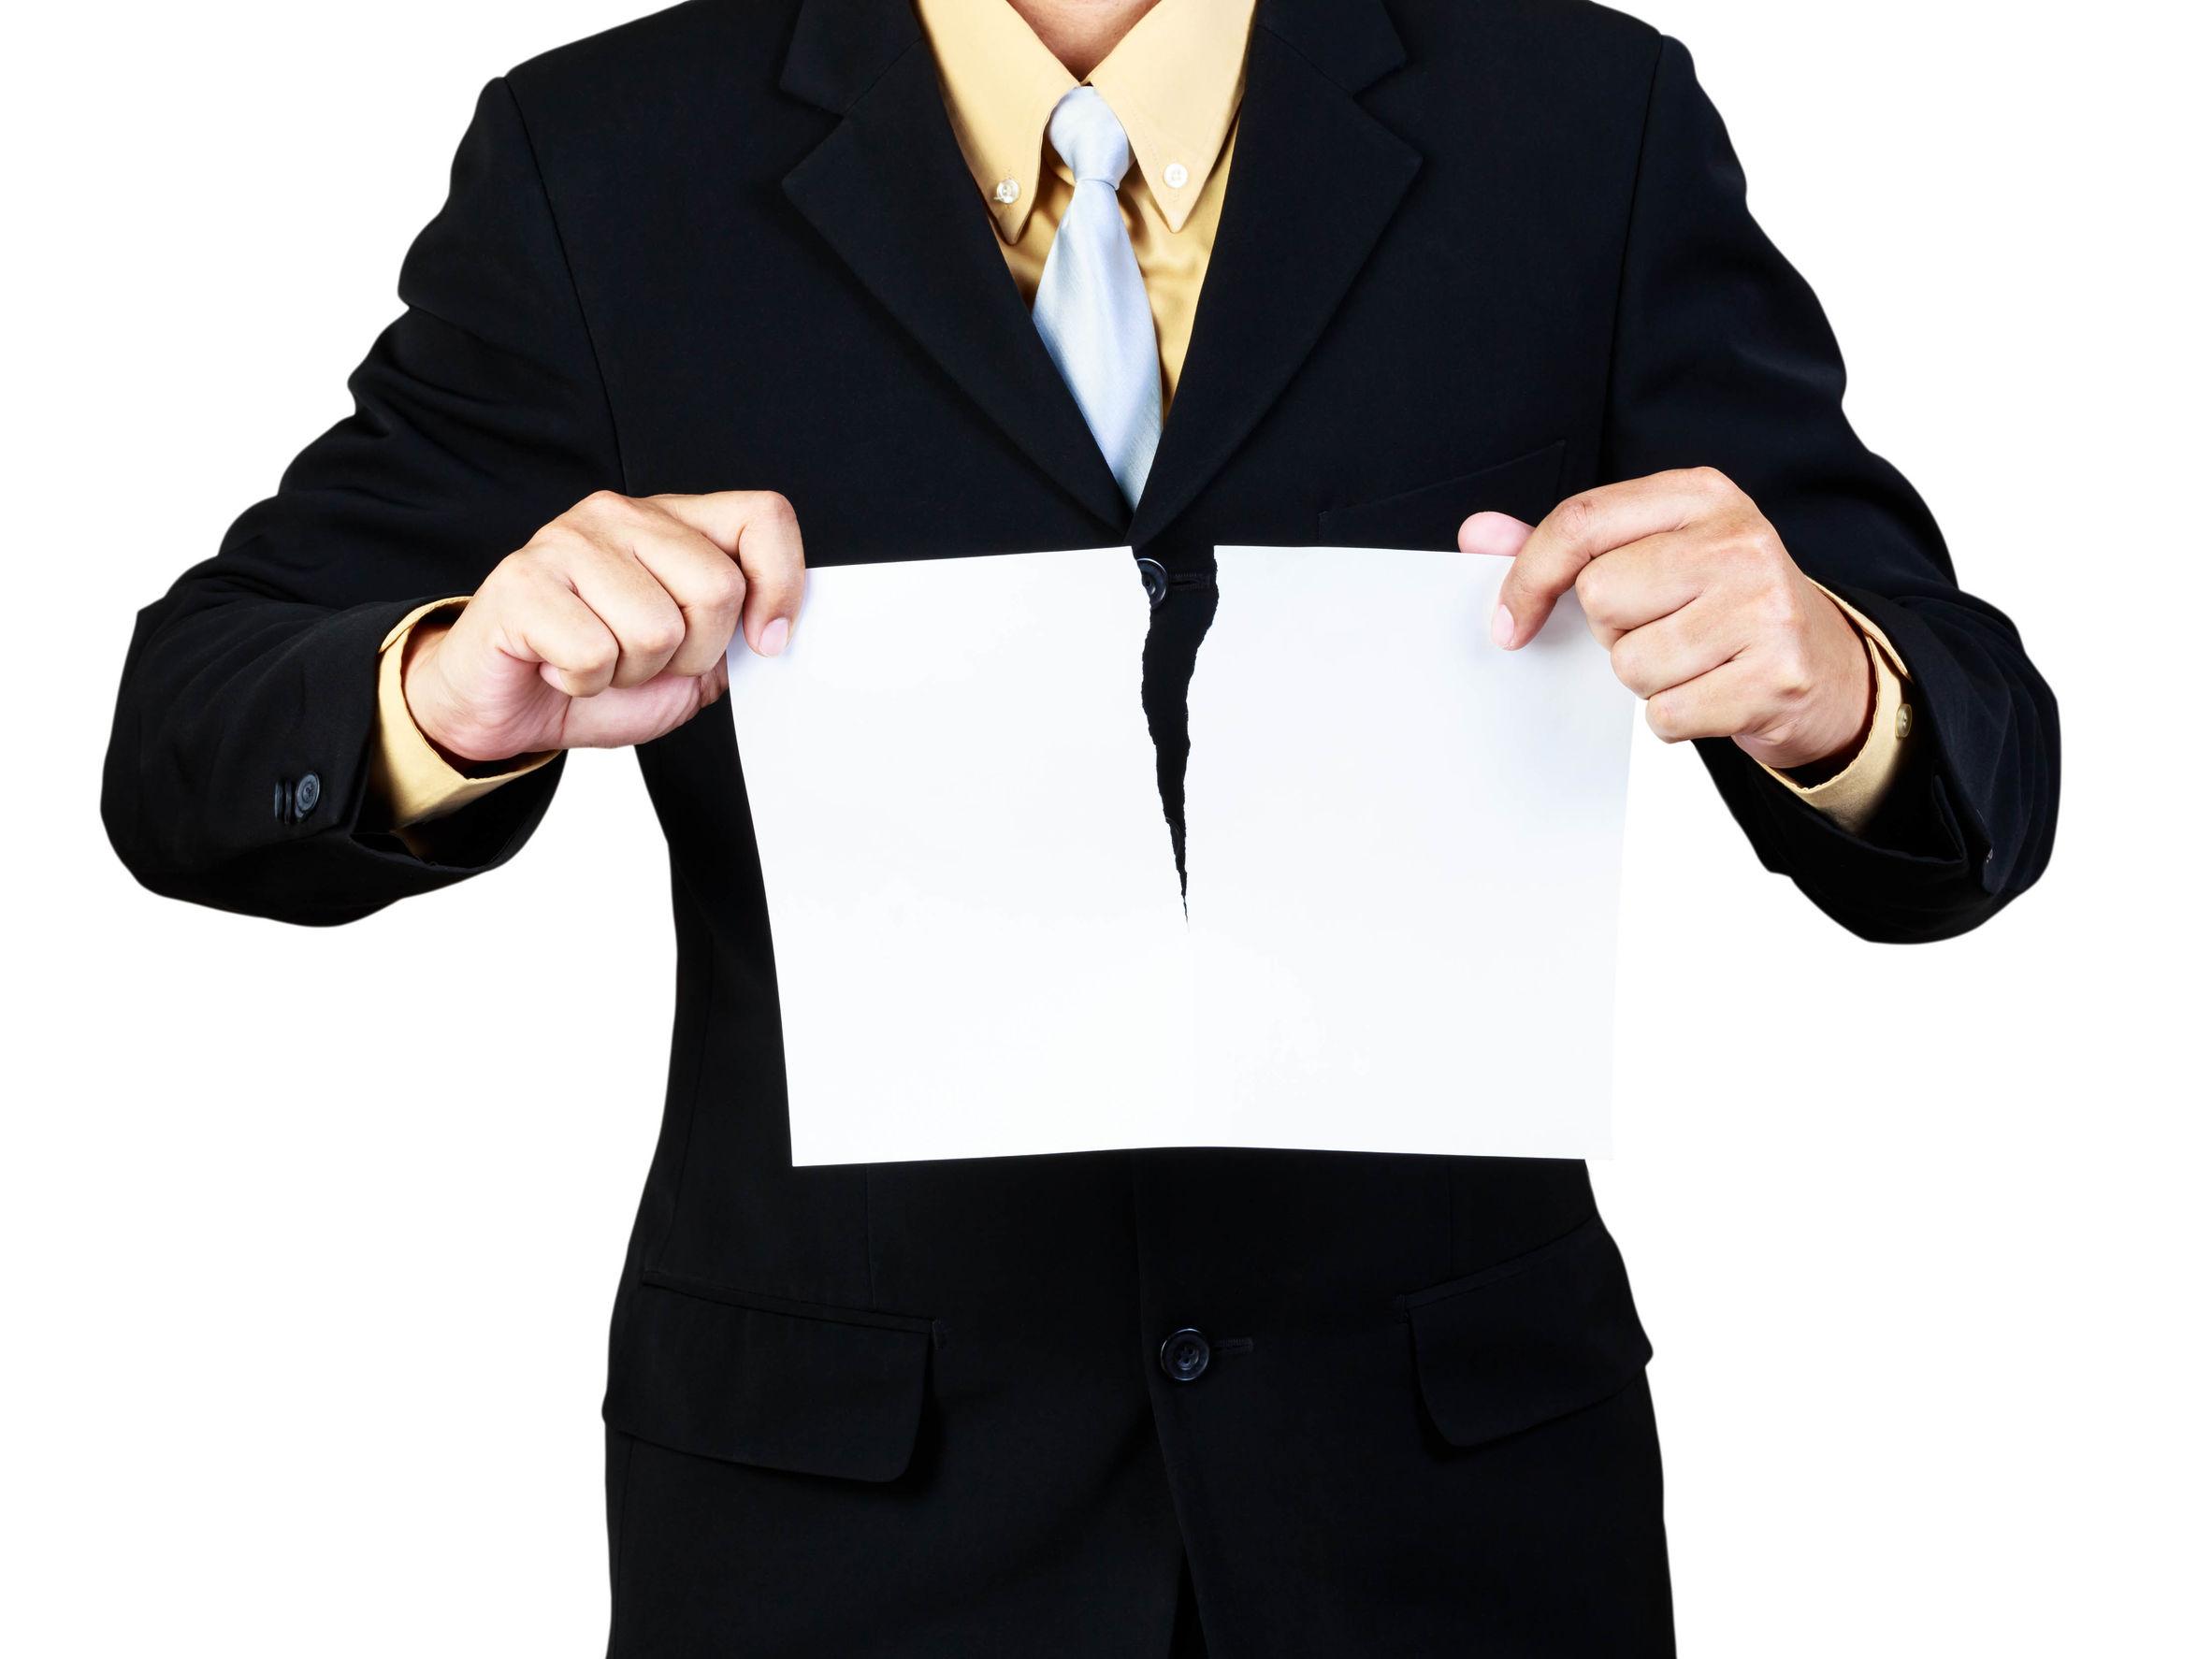 Resolver el contrato de alquiler por actividades molestas